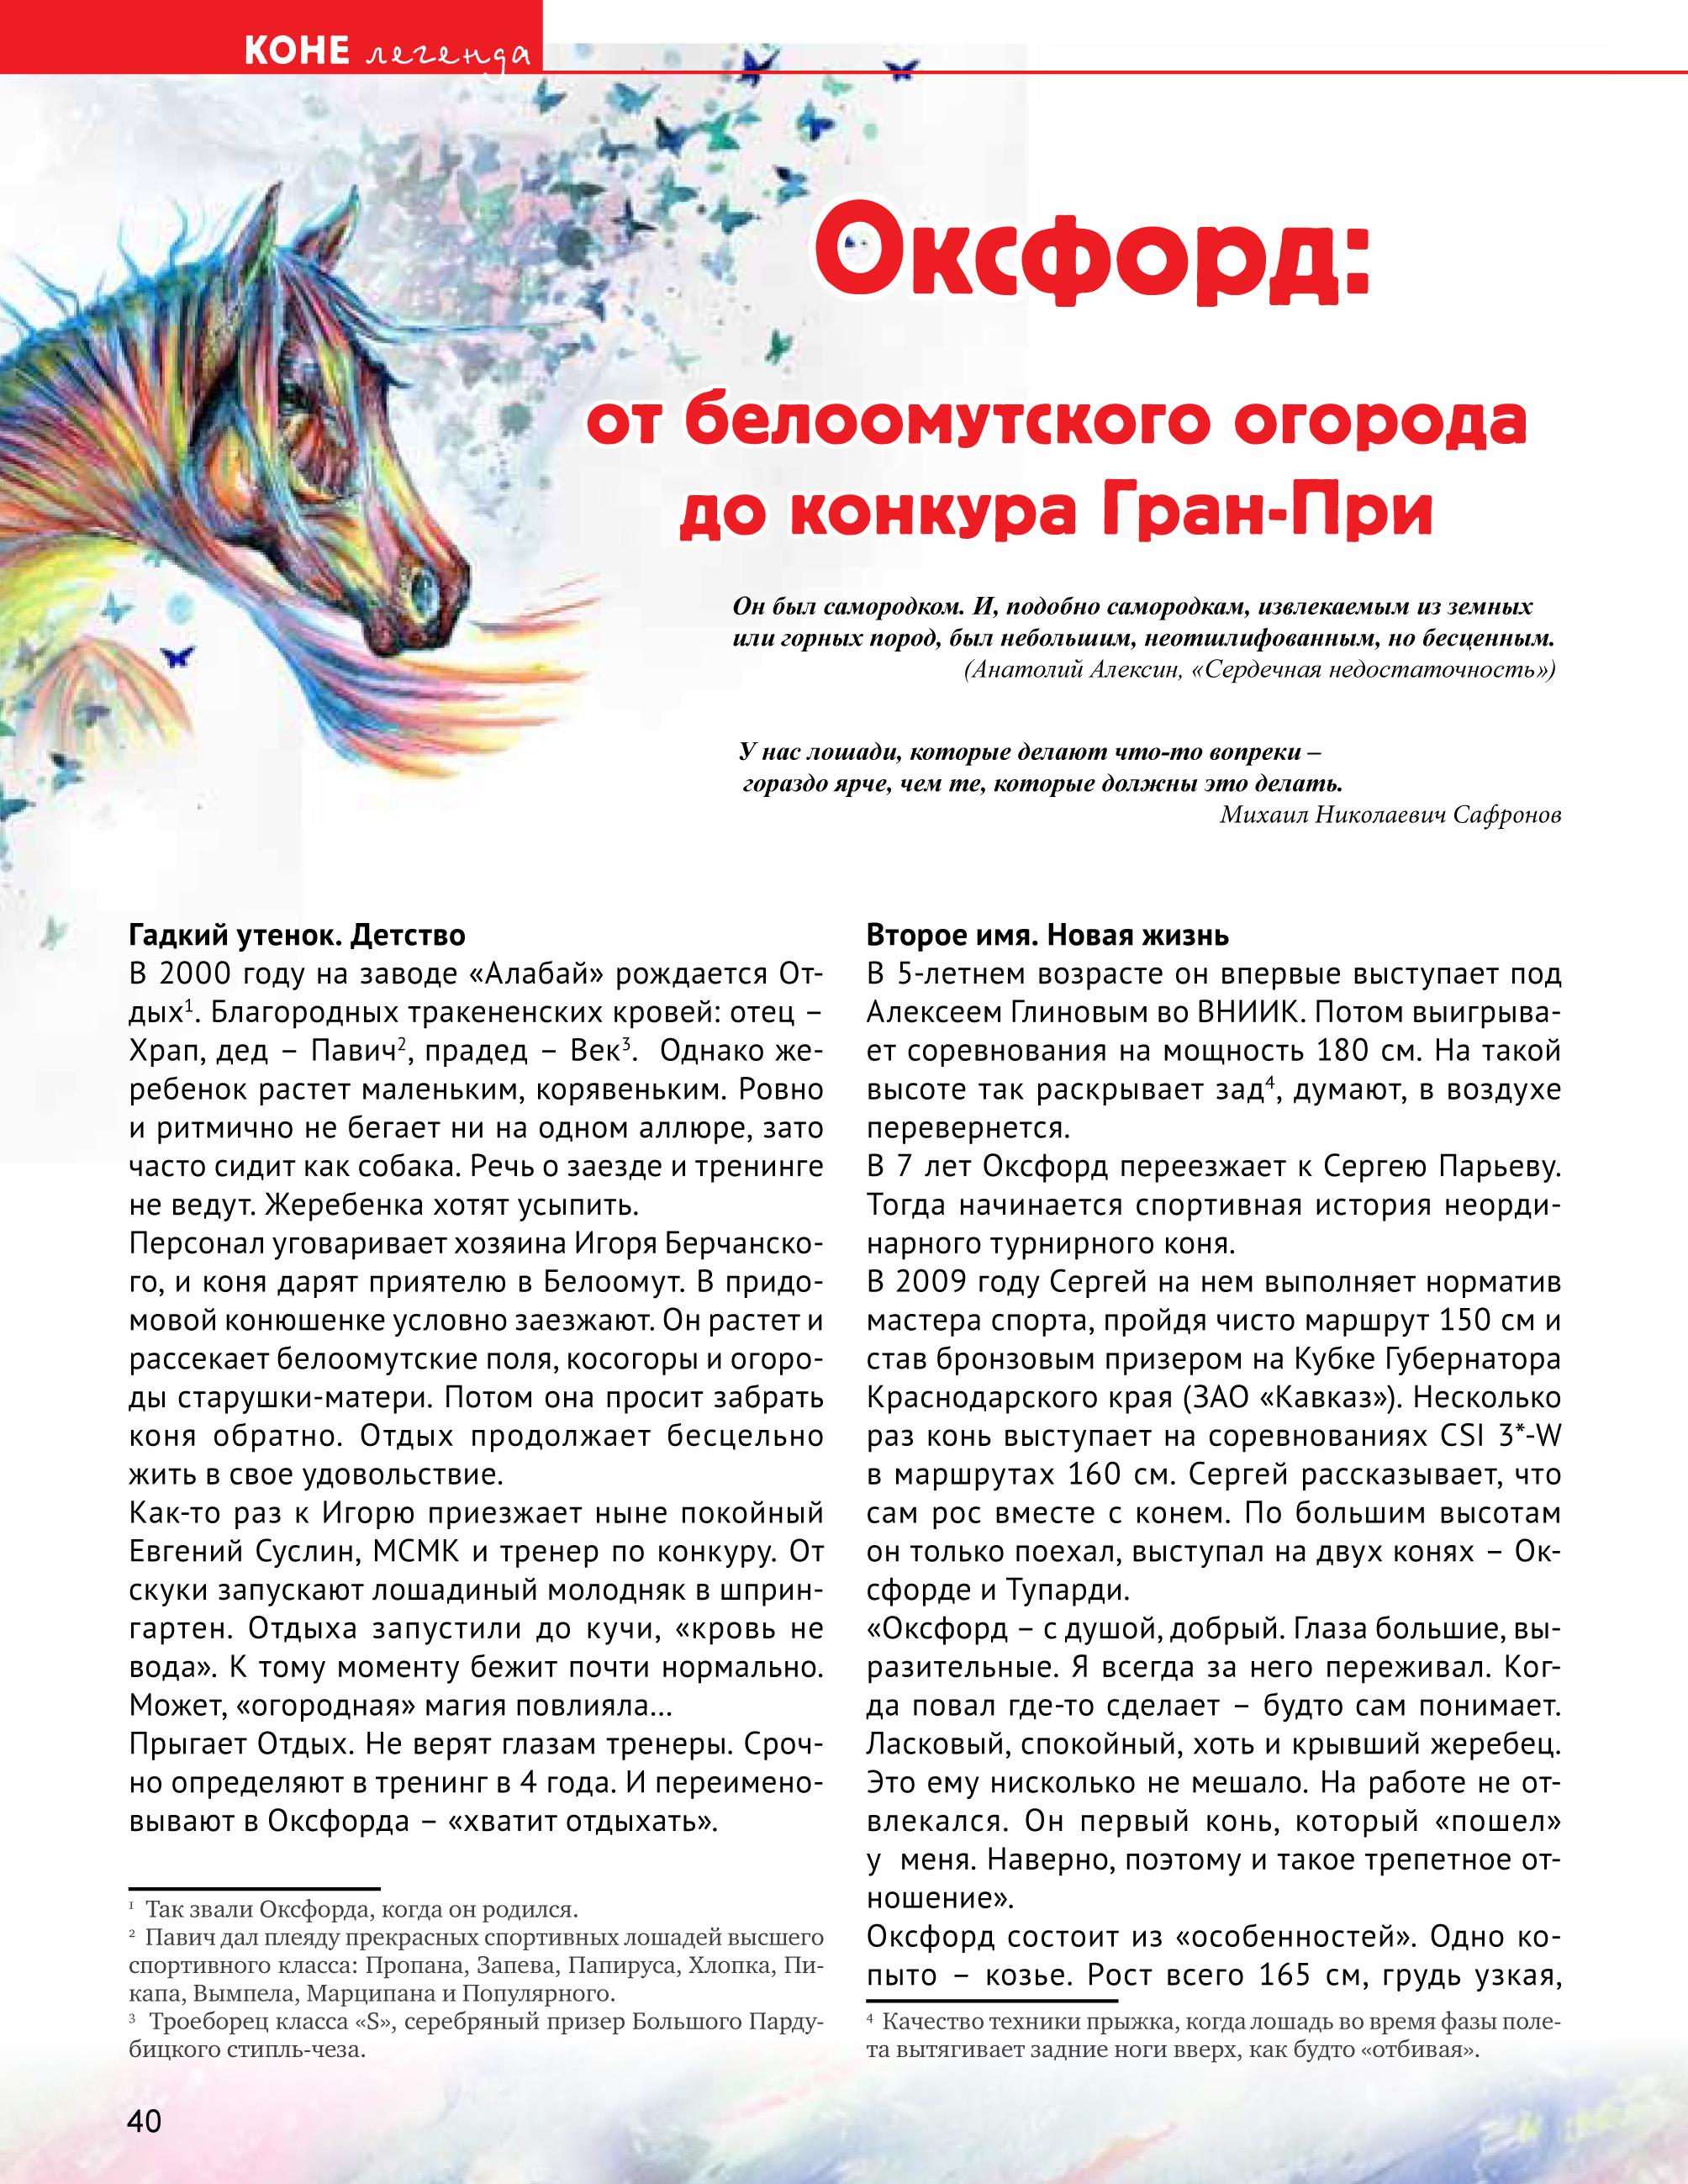 Book КОНЕВОДИТЕЛЬ 4_ proof-40